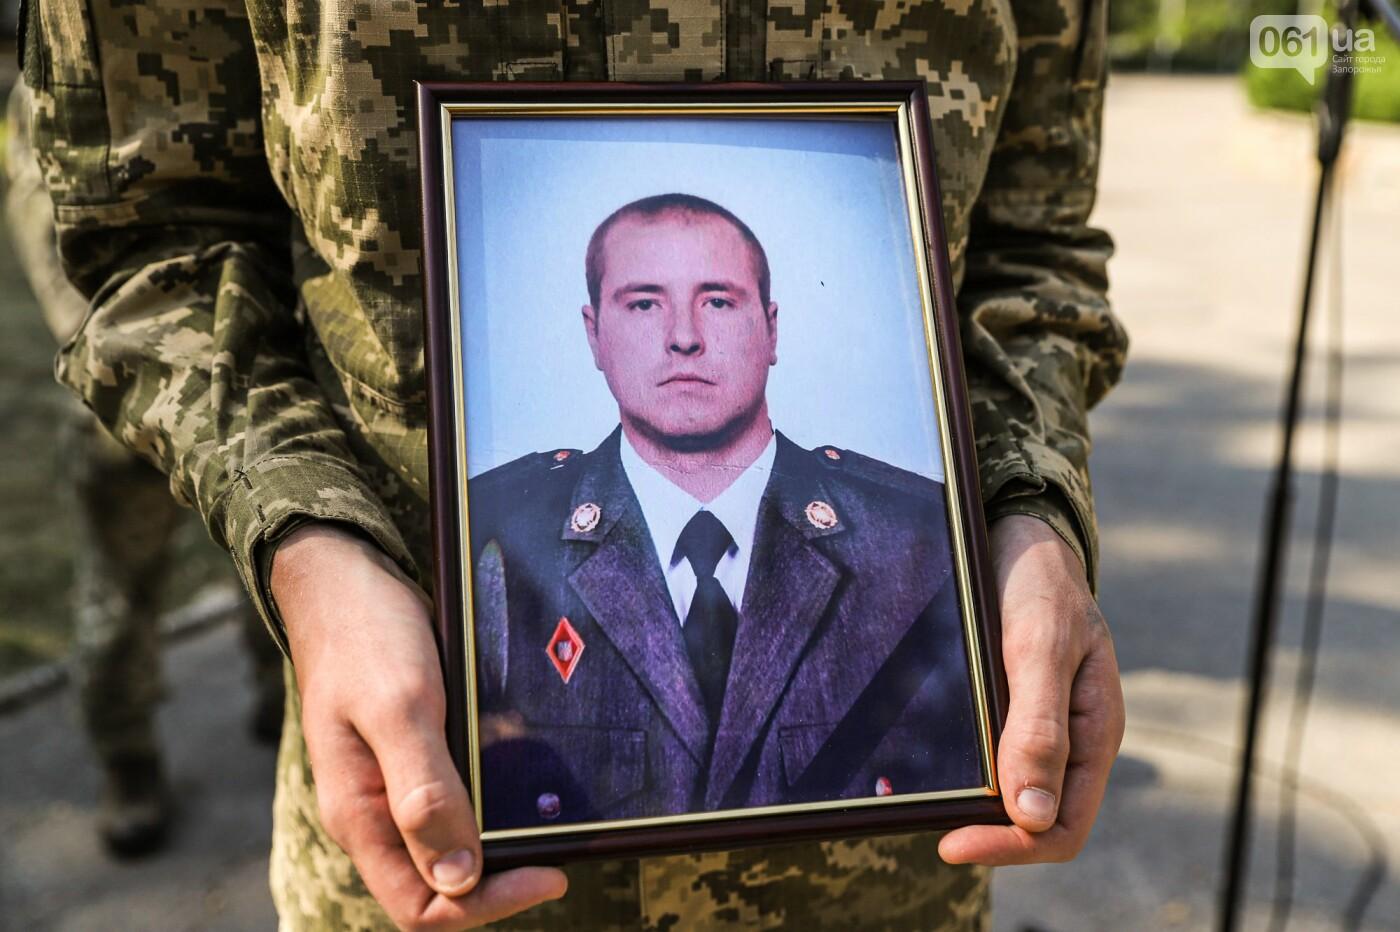 Навсегда 31: в Запорожье попрощались с бойцом, погибшим в результате артобстрела, - ФОТОРЕПОРТАЖ , фото-2